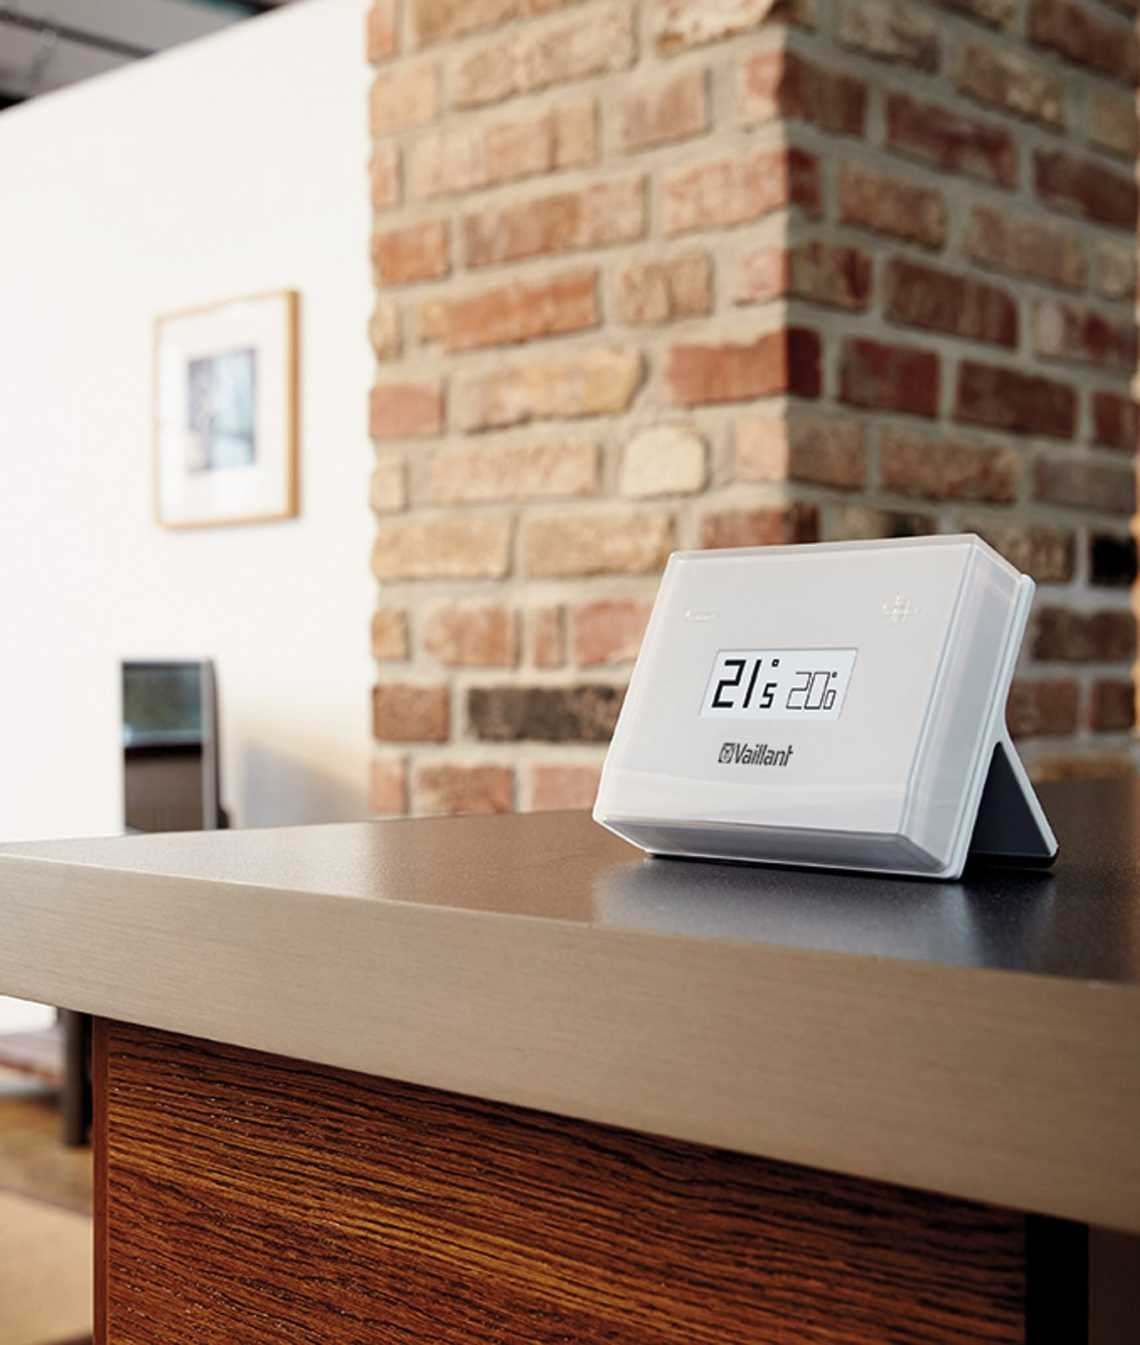 Consejos para comprar un termostato para calefacción